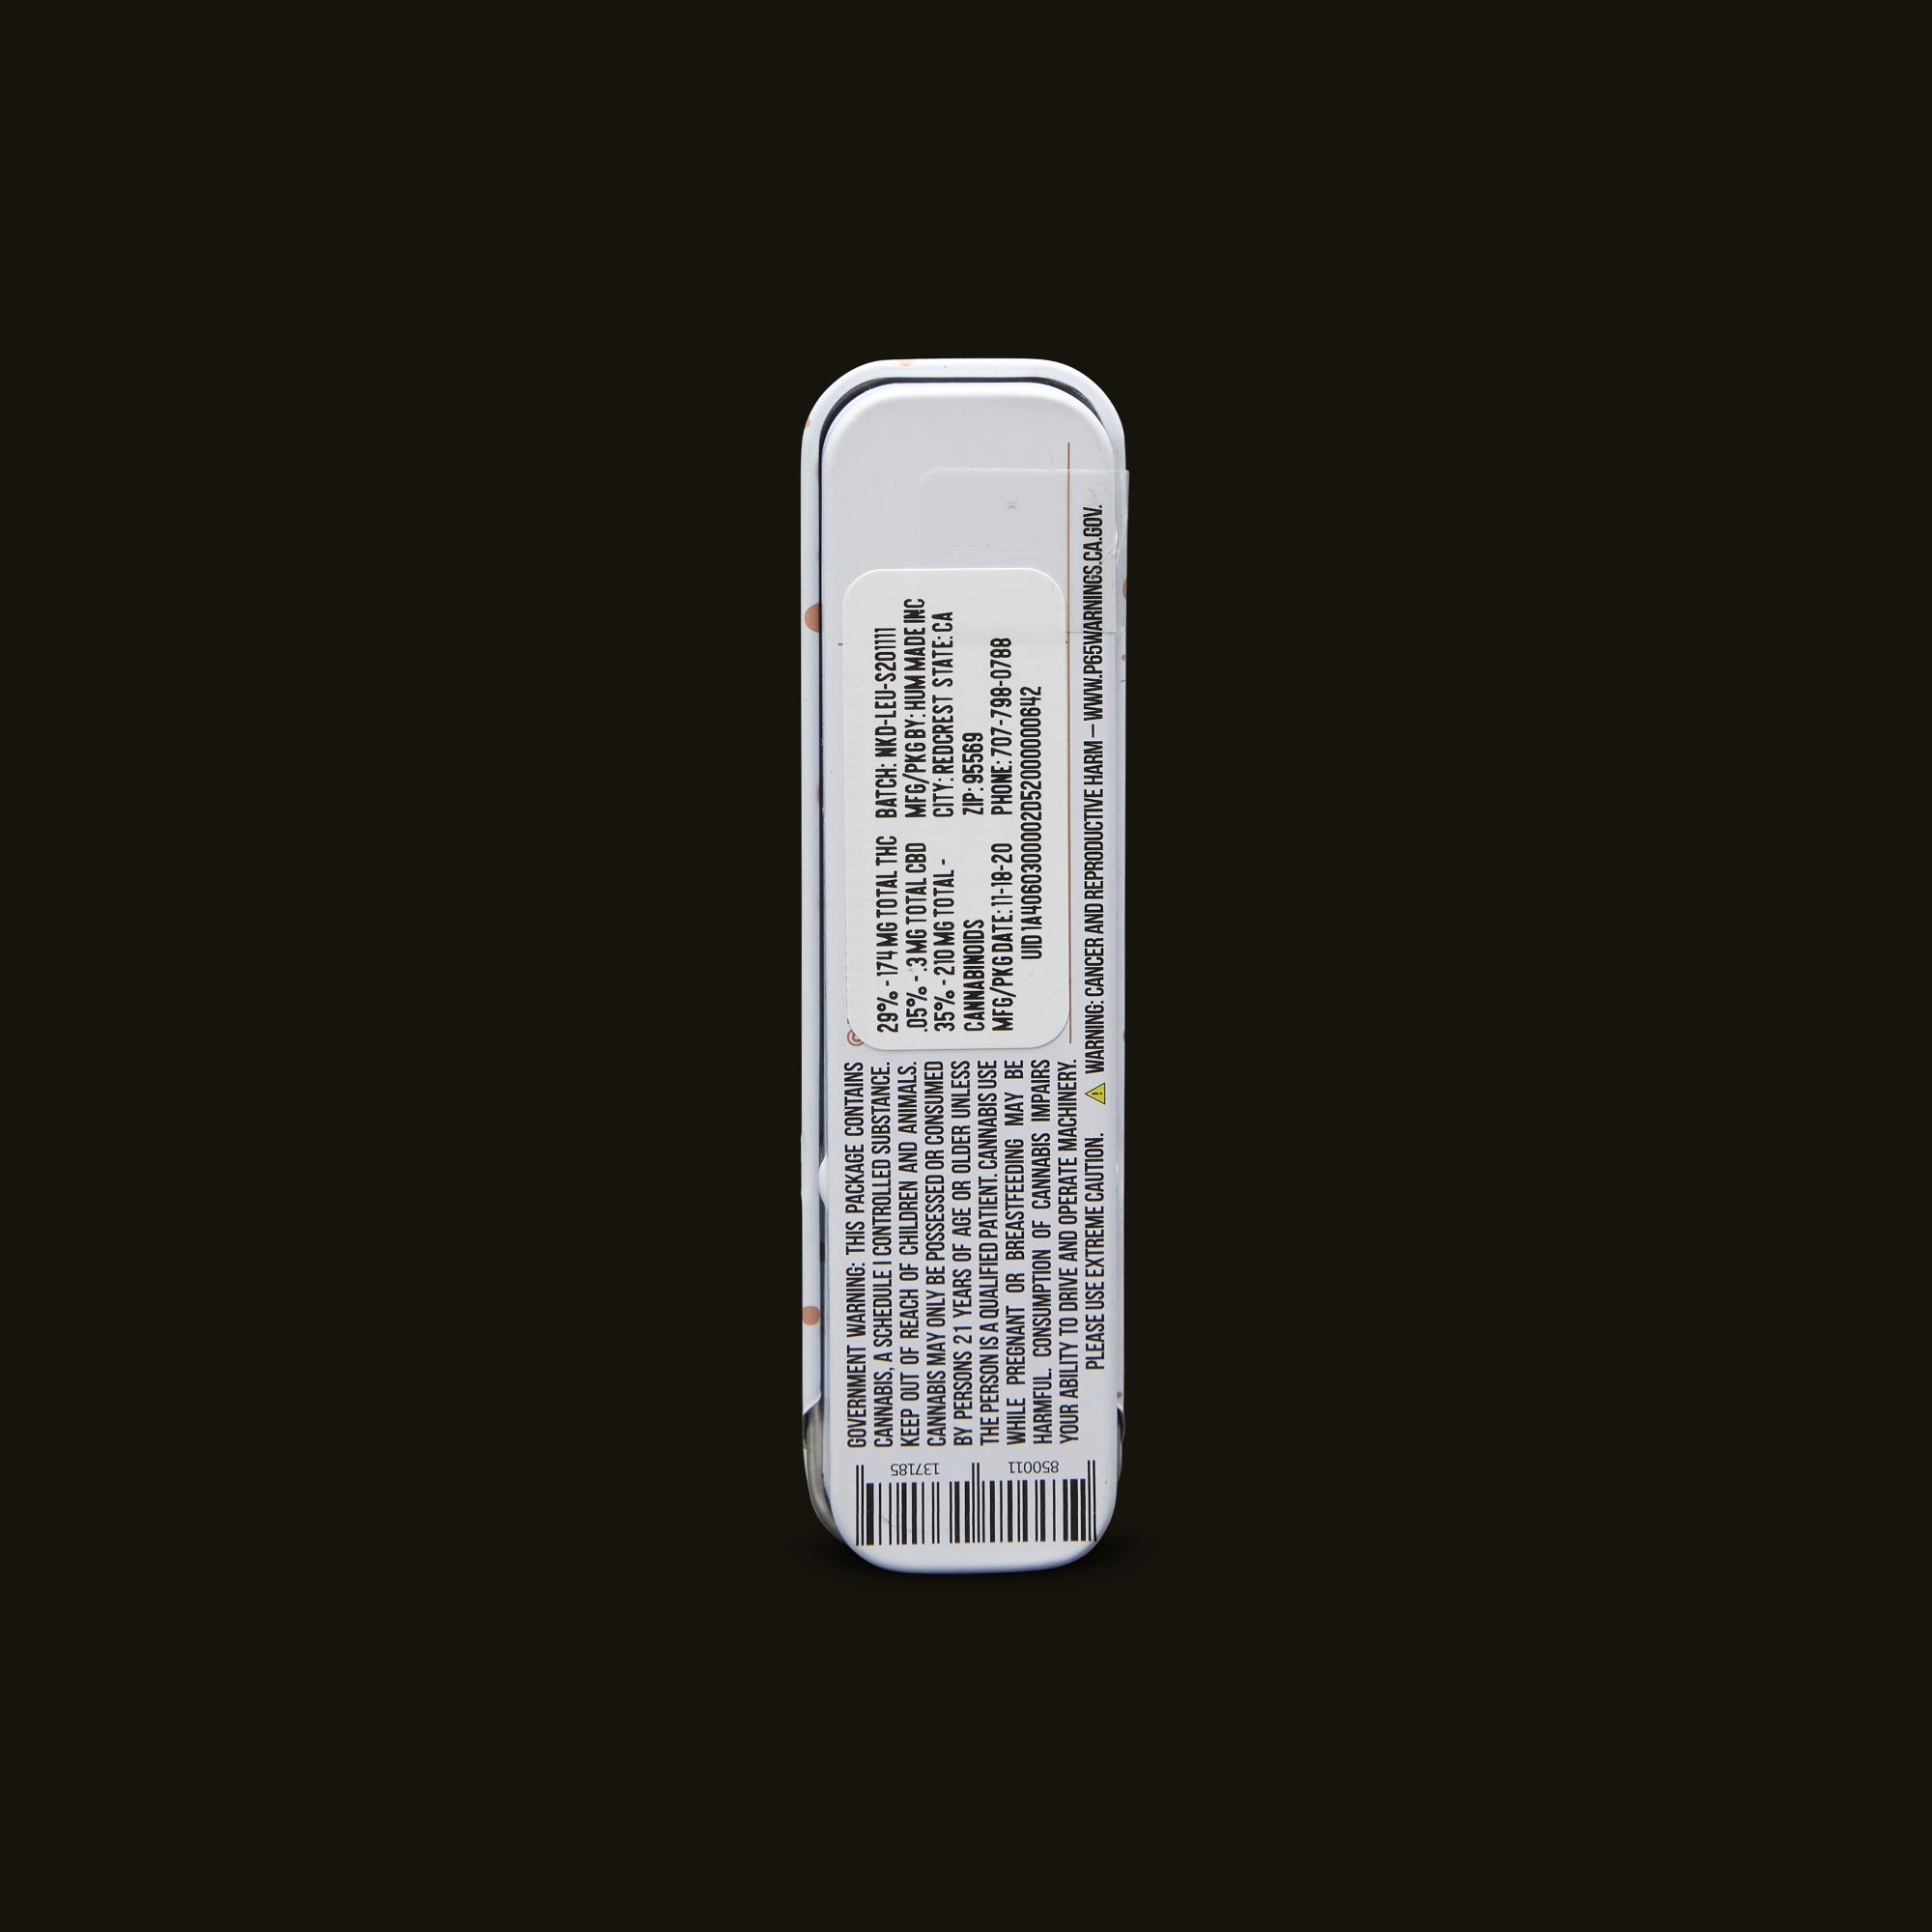 LEUNE Naked Pre-Roll Back Packaging